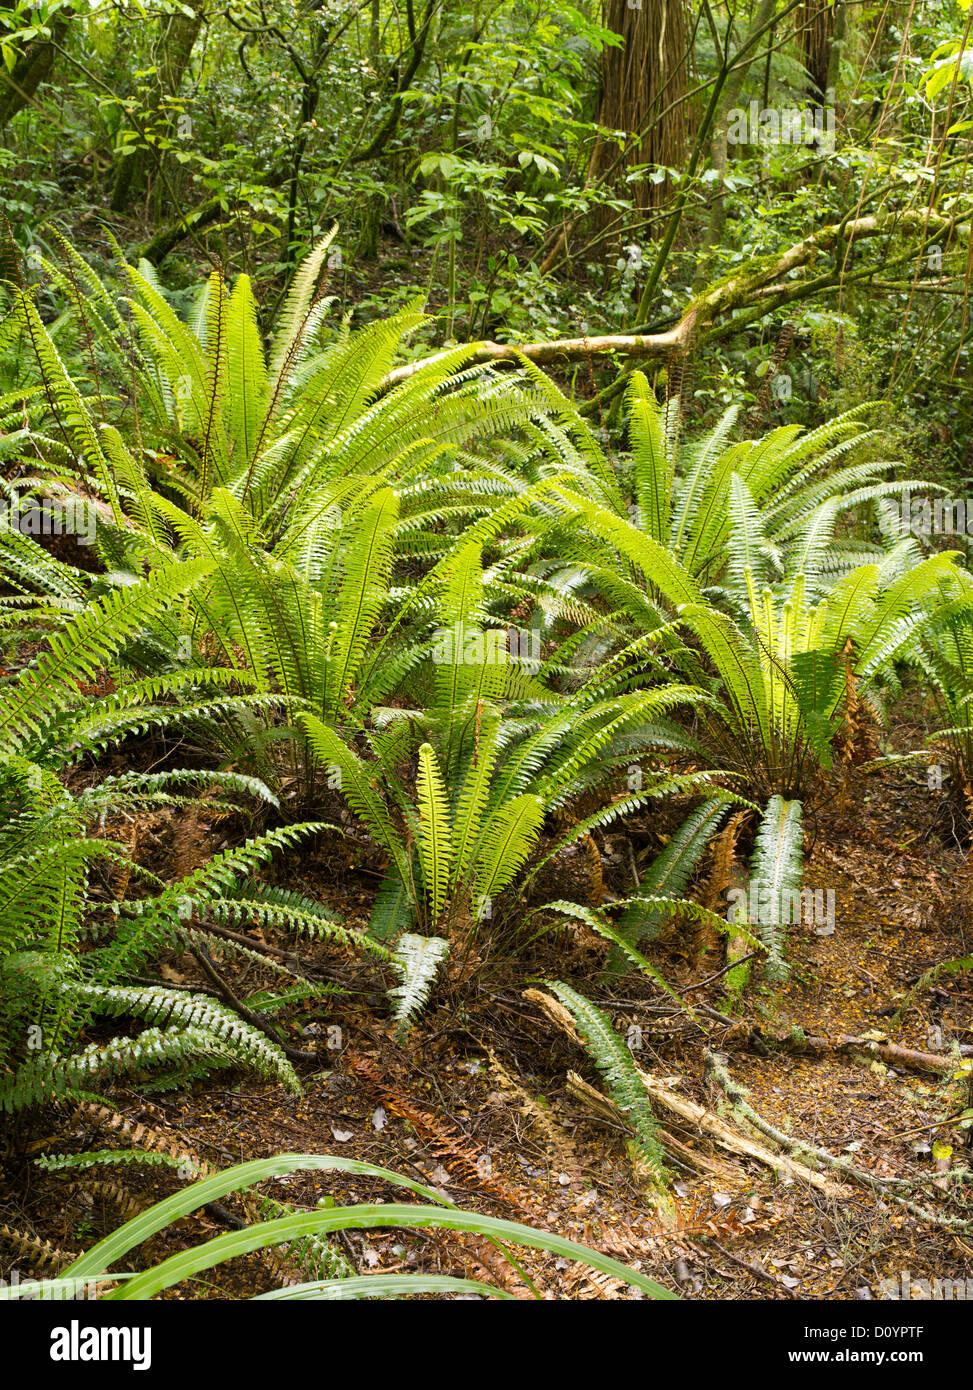 Fougères poussant dans la forêt tropicale, la réserve forestière de Catlins, île du Sud, Nouvelle-Zélande; près de purakaunui falls. Banque D'Images